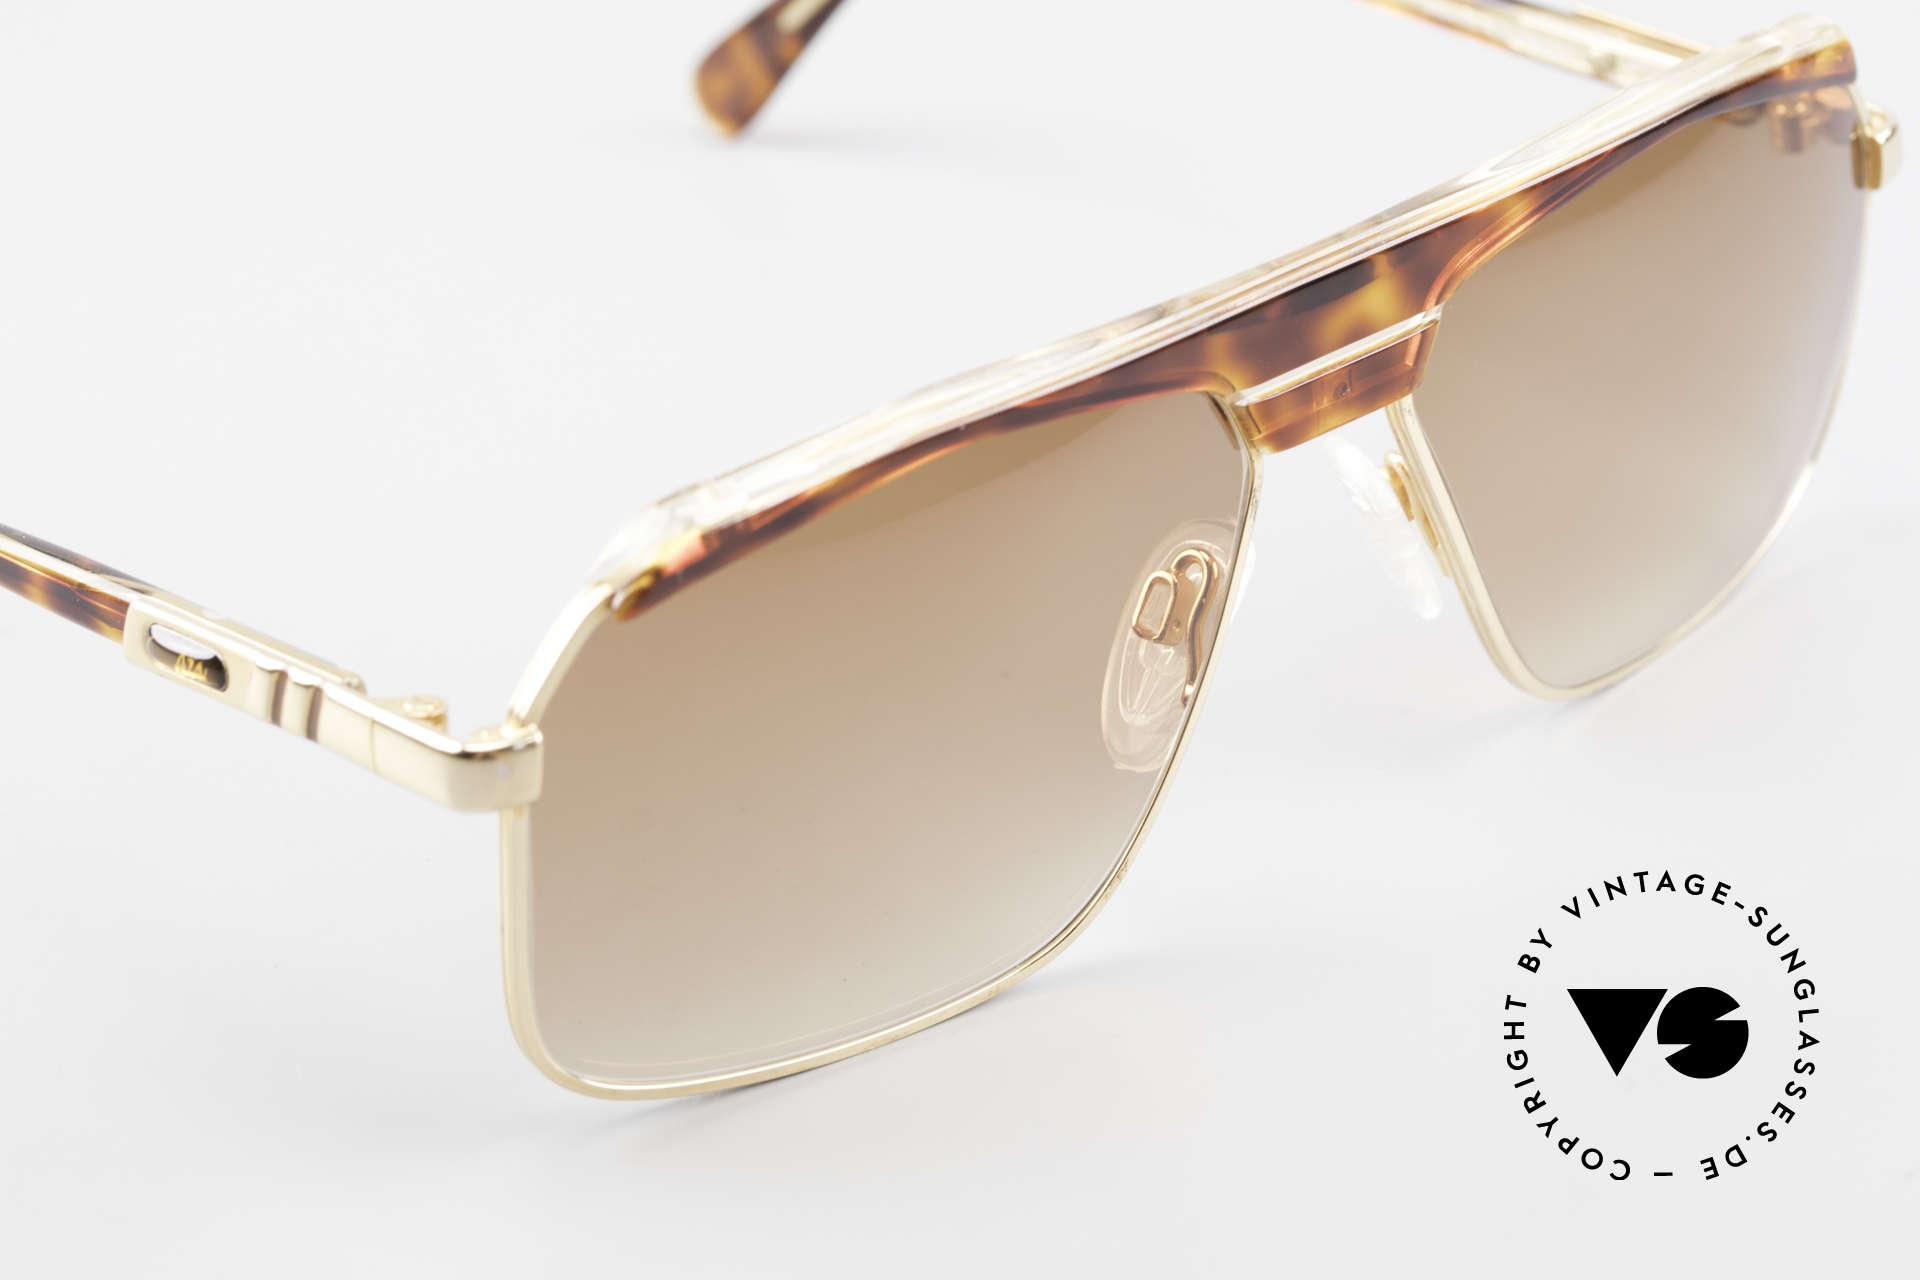 Cazal 730 West Germany Sonnenbrille, ungetragen (wie alle unsere alten CAZAL Brillen), Passend für Herren